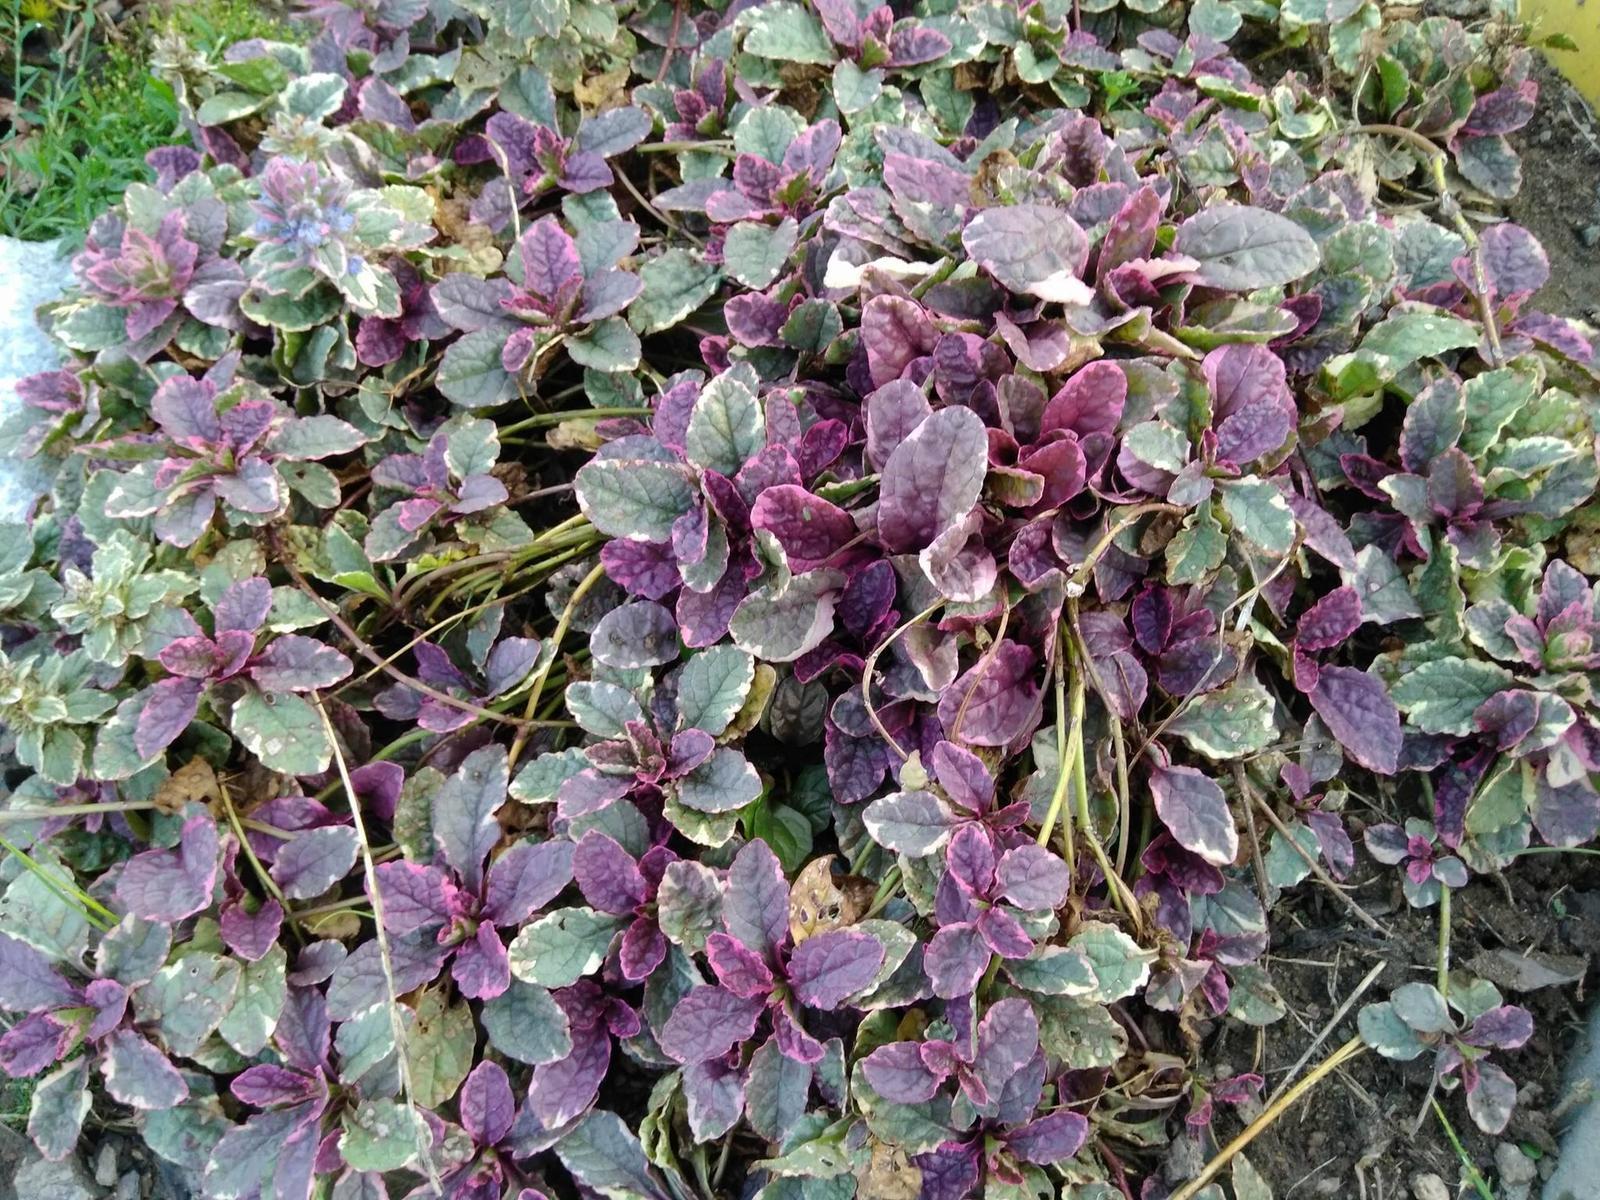 Skalničky - trvalky z mé zahrádky - 026. Zběhovec tricolor (list zeleno-bílo-růžový) (30)